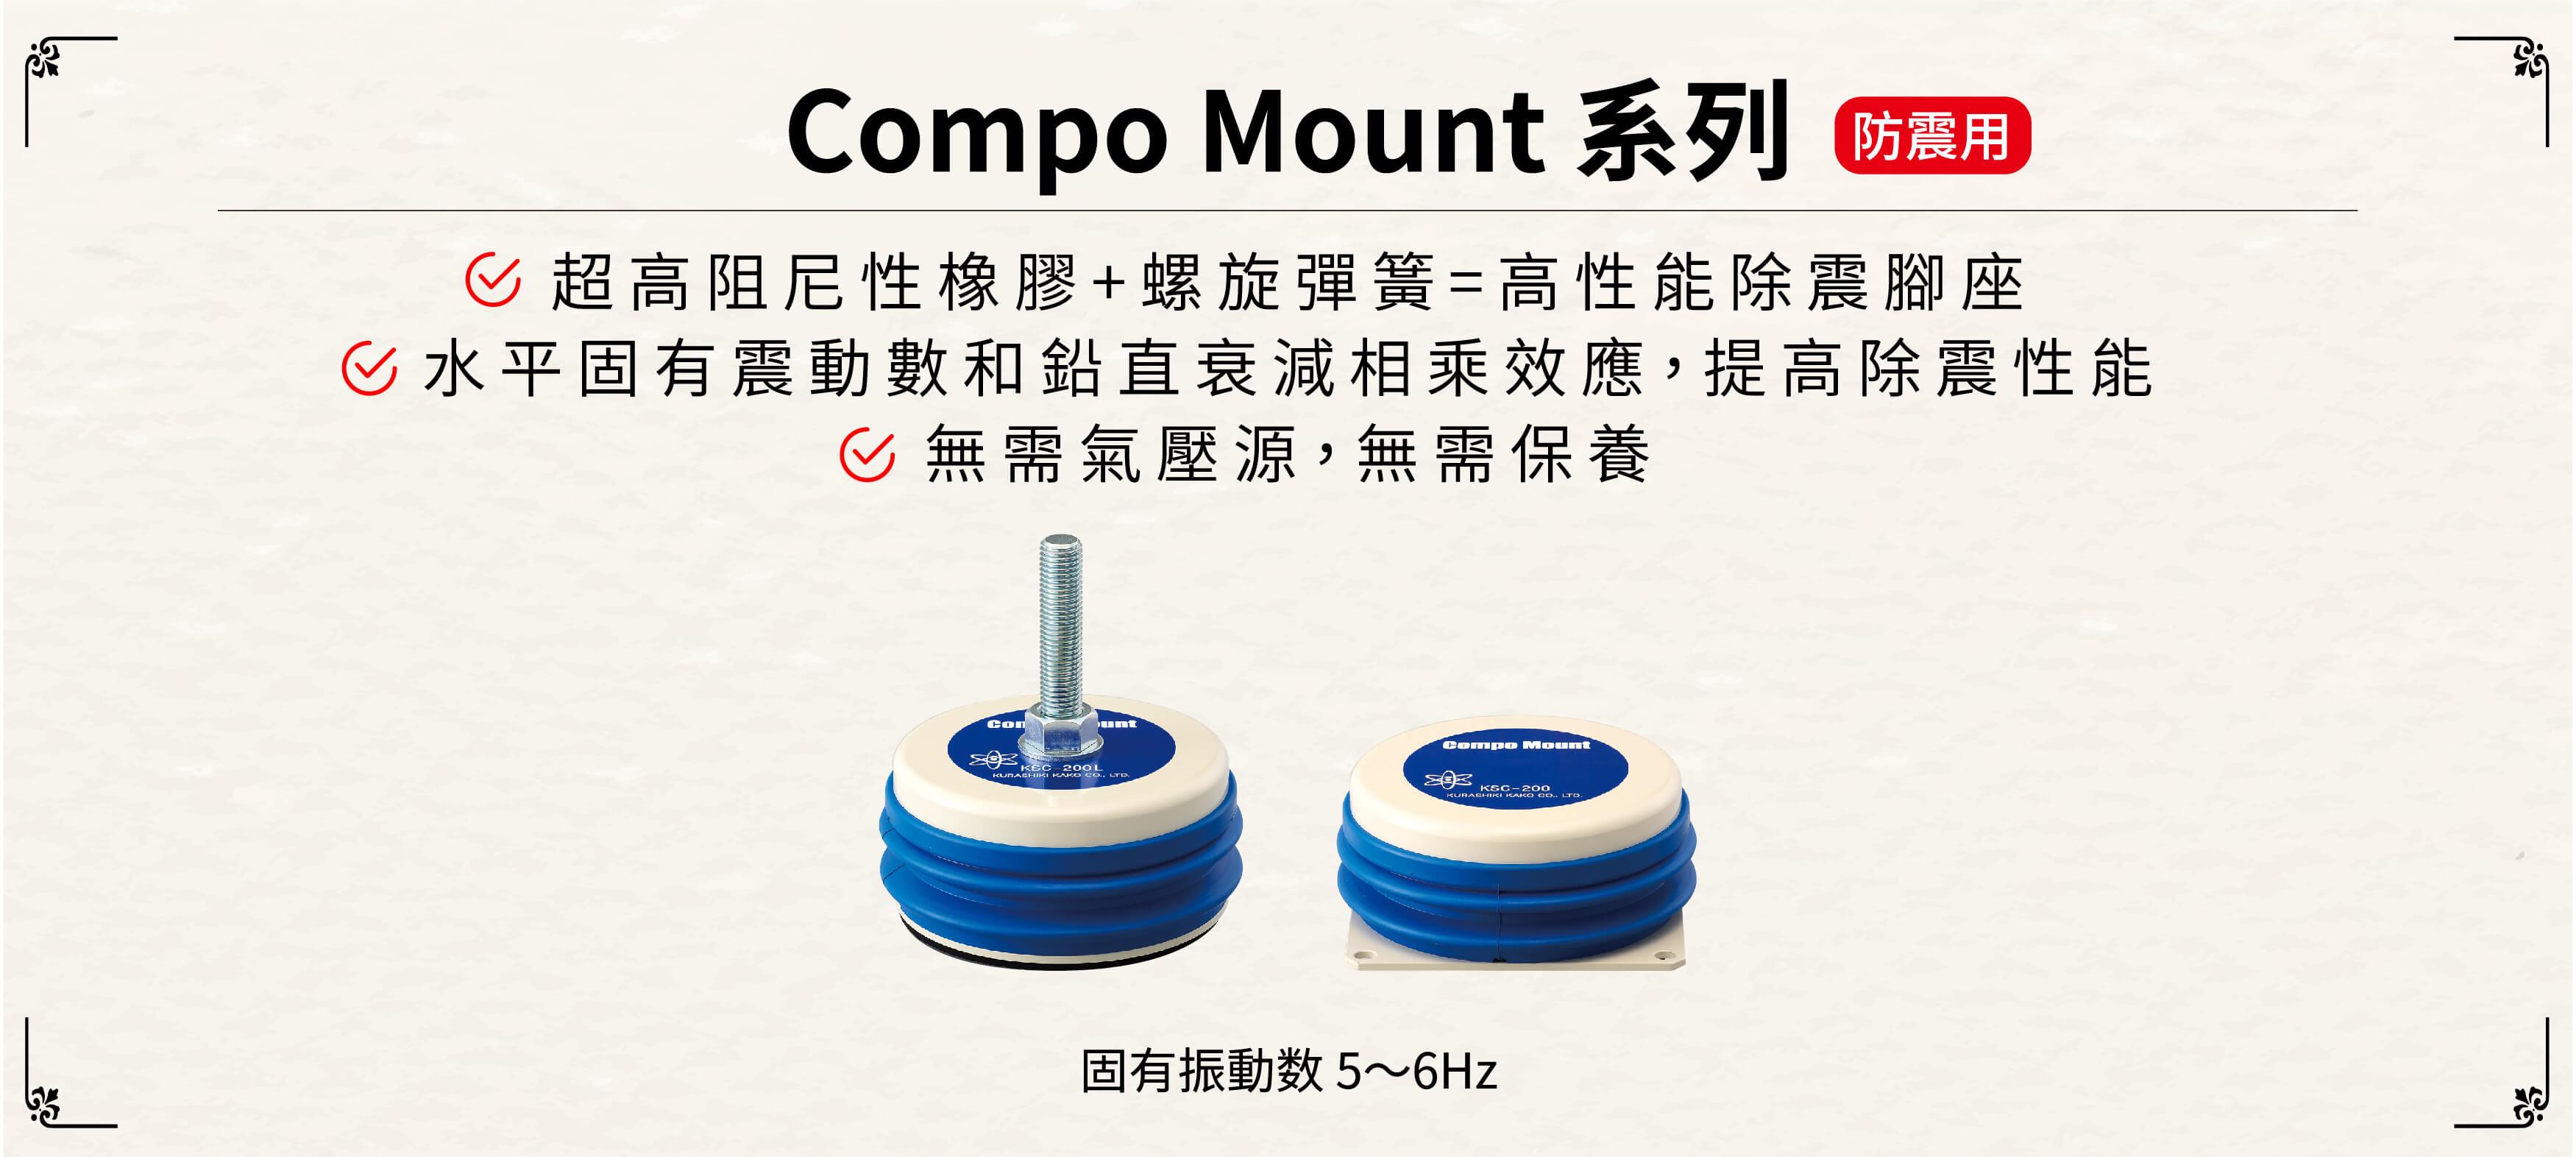 倉敷化工 Compo Mount防震用腳座 產品特色